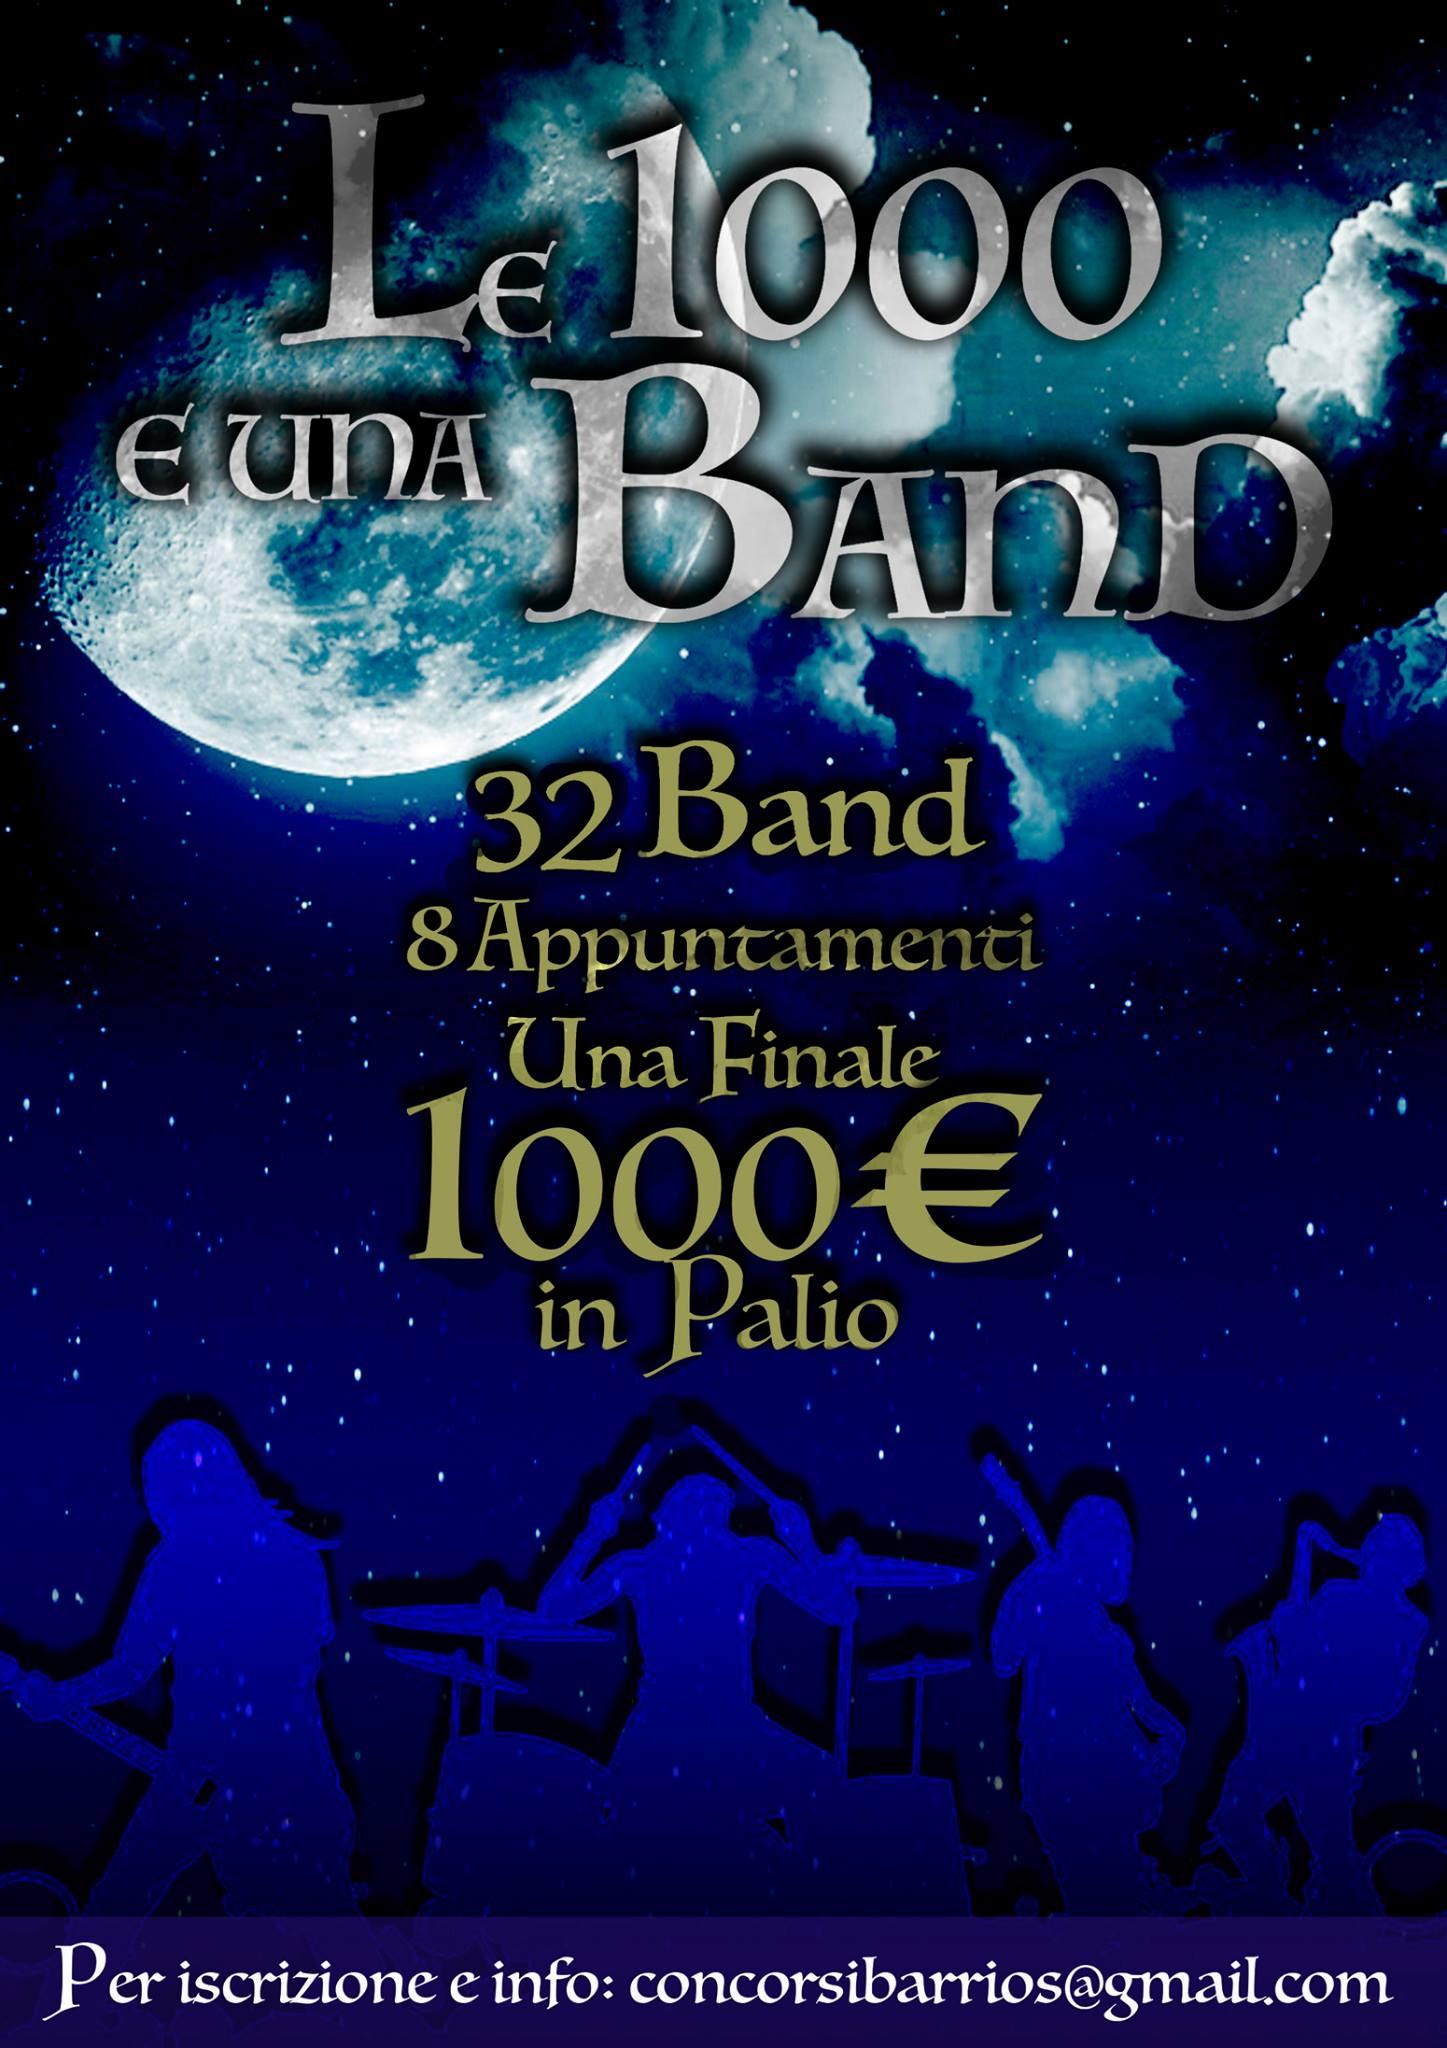 concorso musicale 1000€ in palio